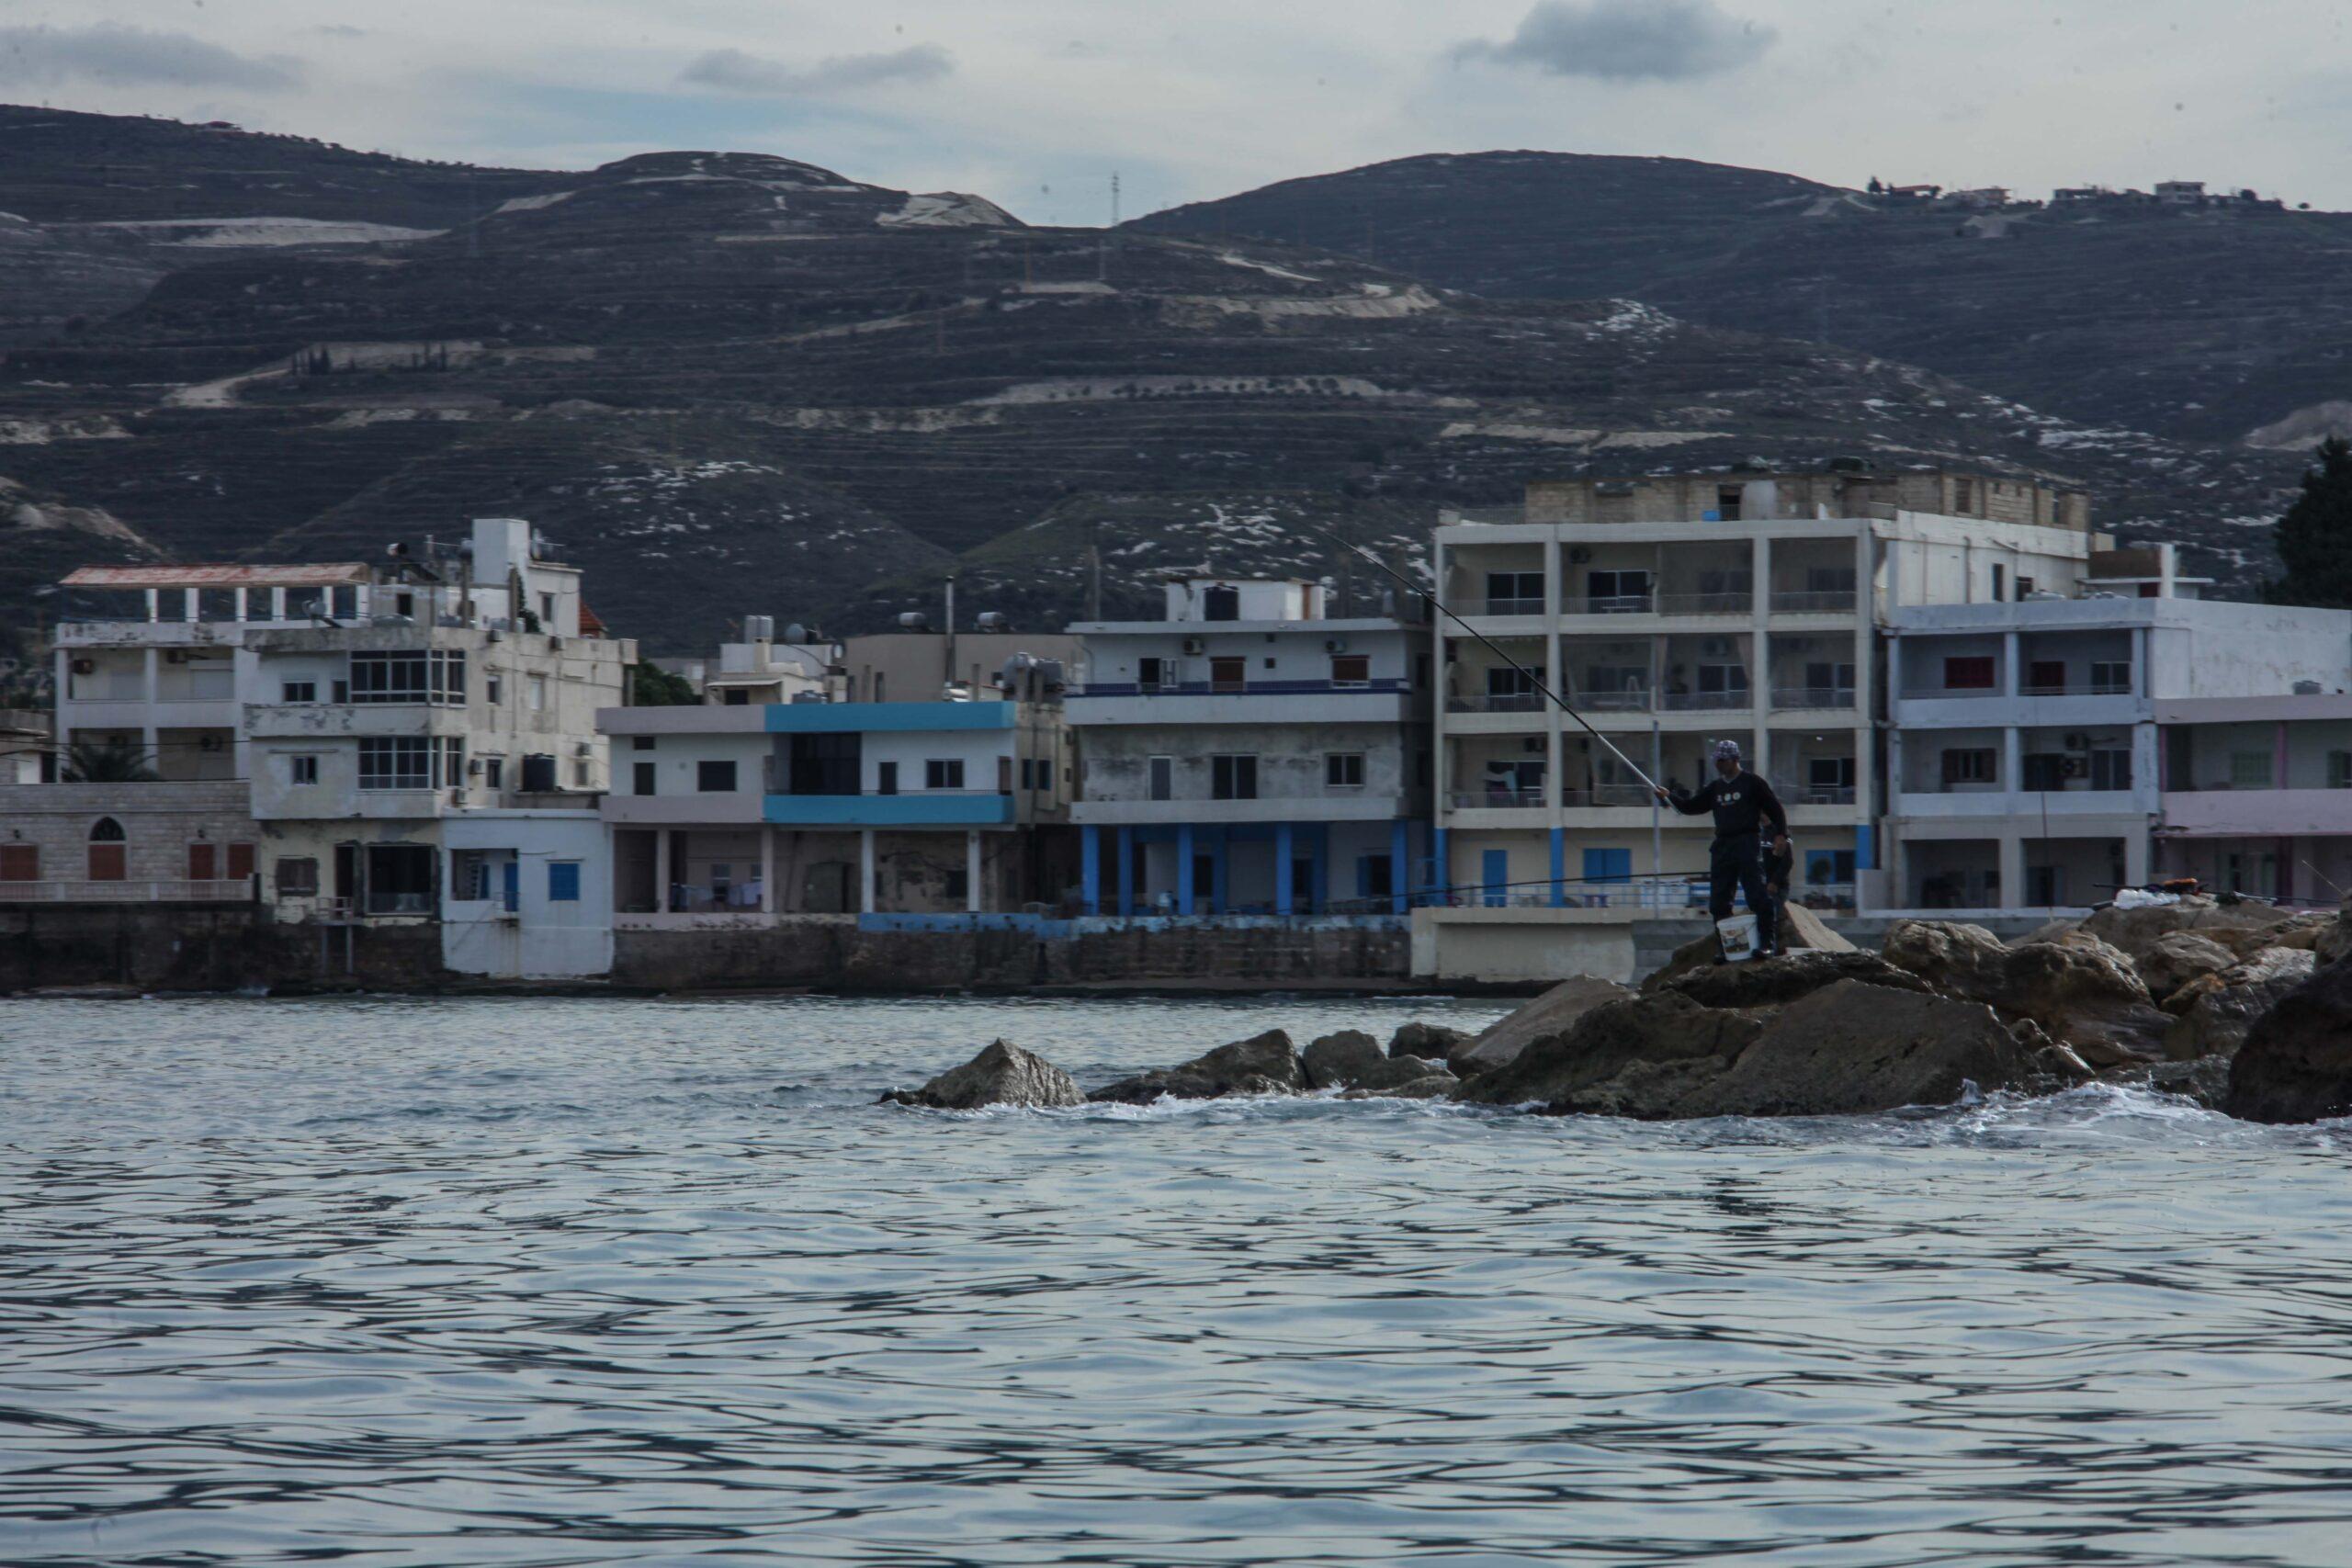 الإدارة المتكاملة للمنطقة الساحليّة في لبنان: مشروع قانون لإنقاذ الشاطئ قبل فوات الأوان